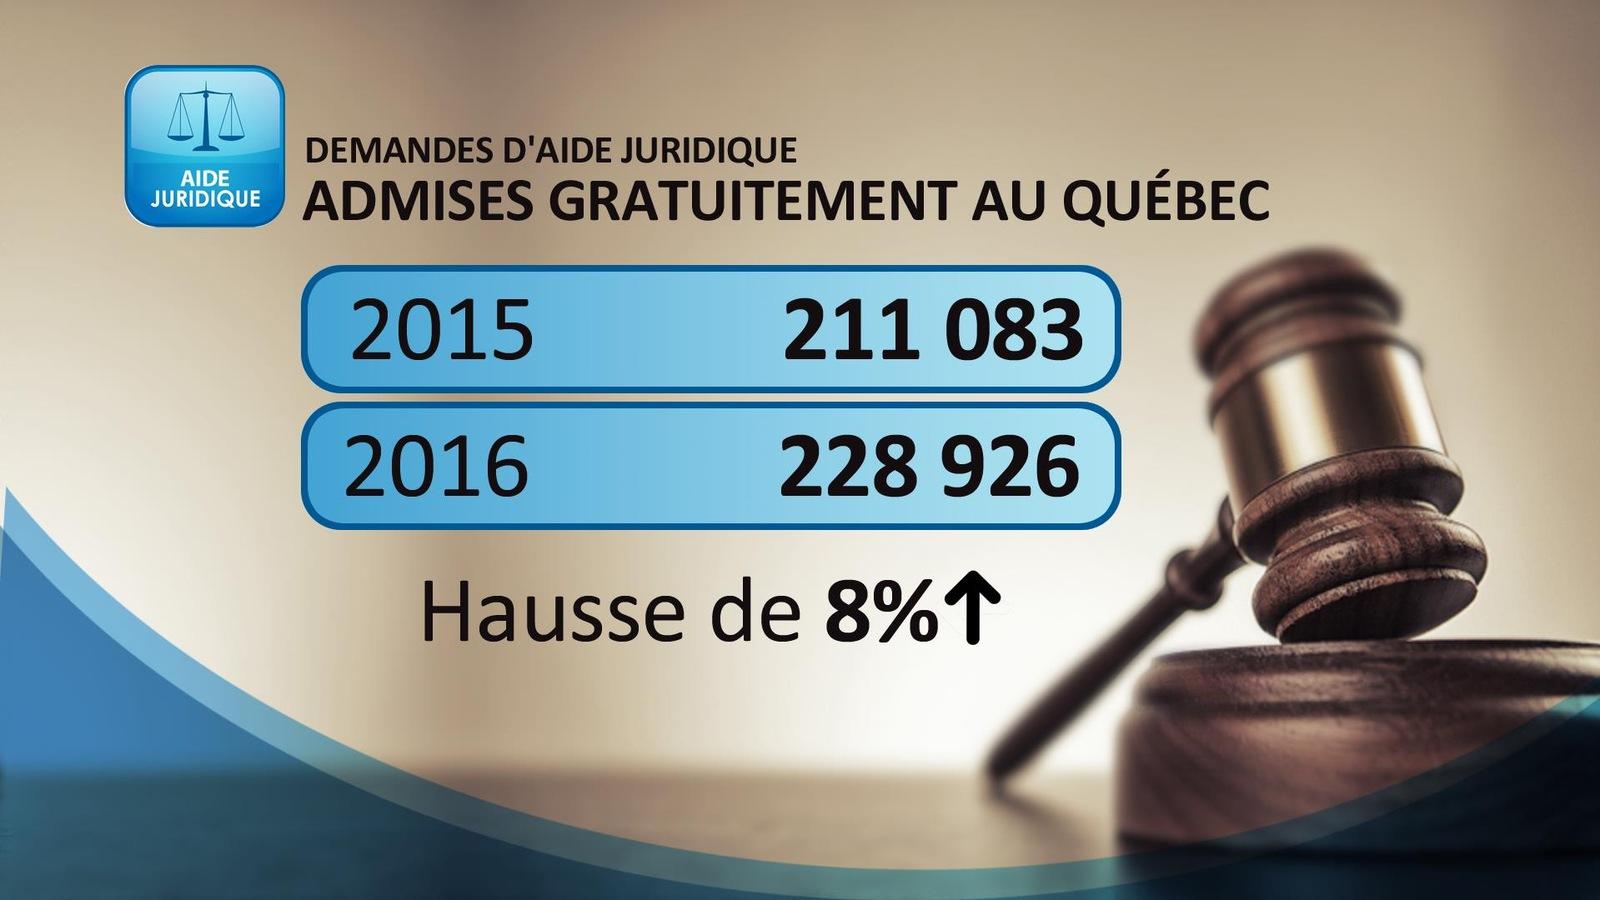 Hausse de 8 % des demandes d'aide juridique admises gratuitement au Québec